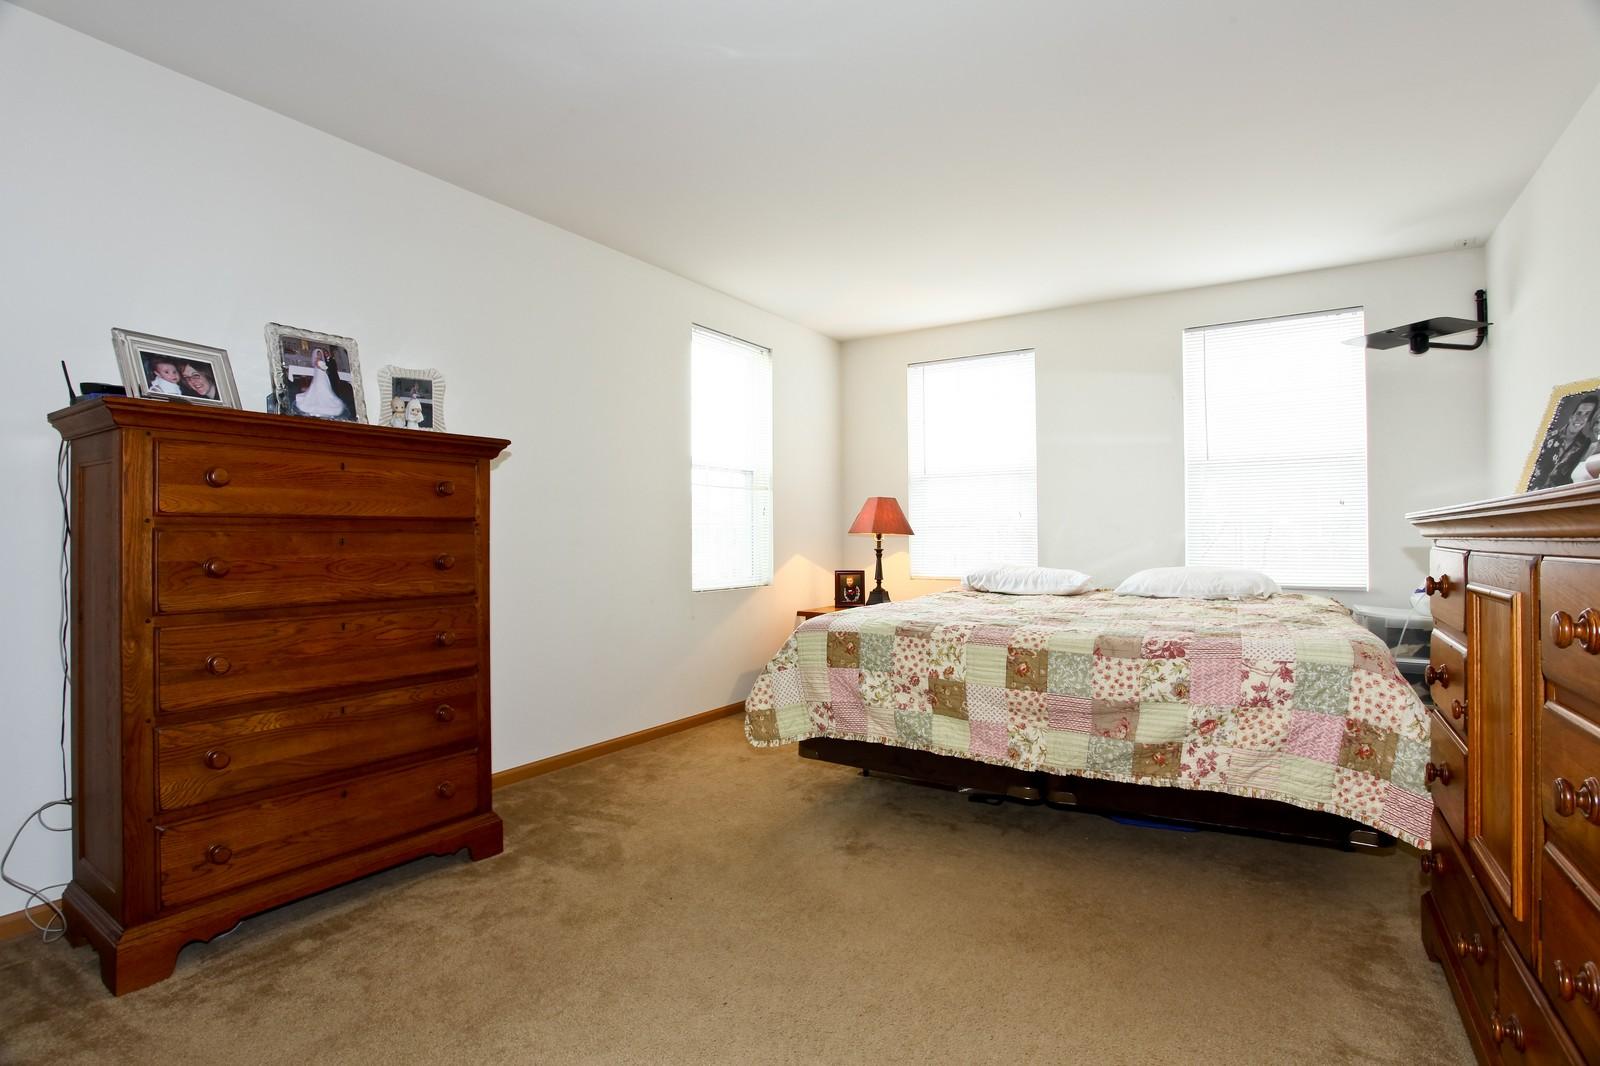 Real Estate Photography - 1745 Rebecca Lane, Aurora, IL, 60504 - Master Bedroom